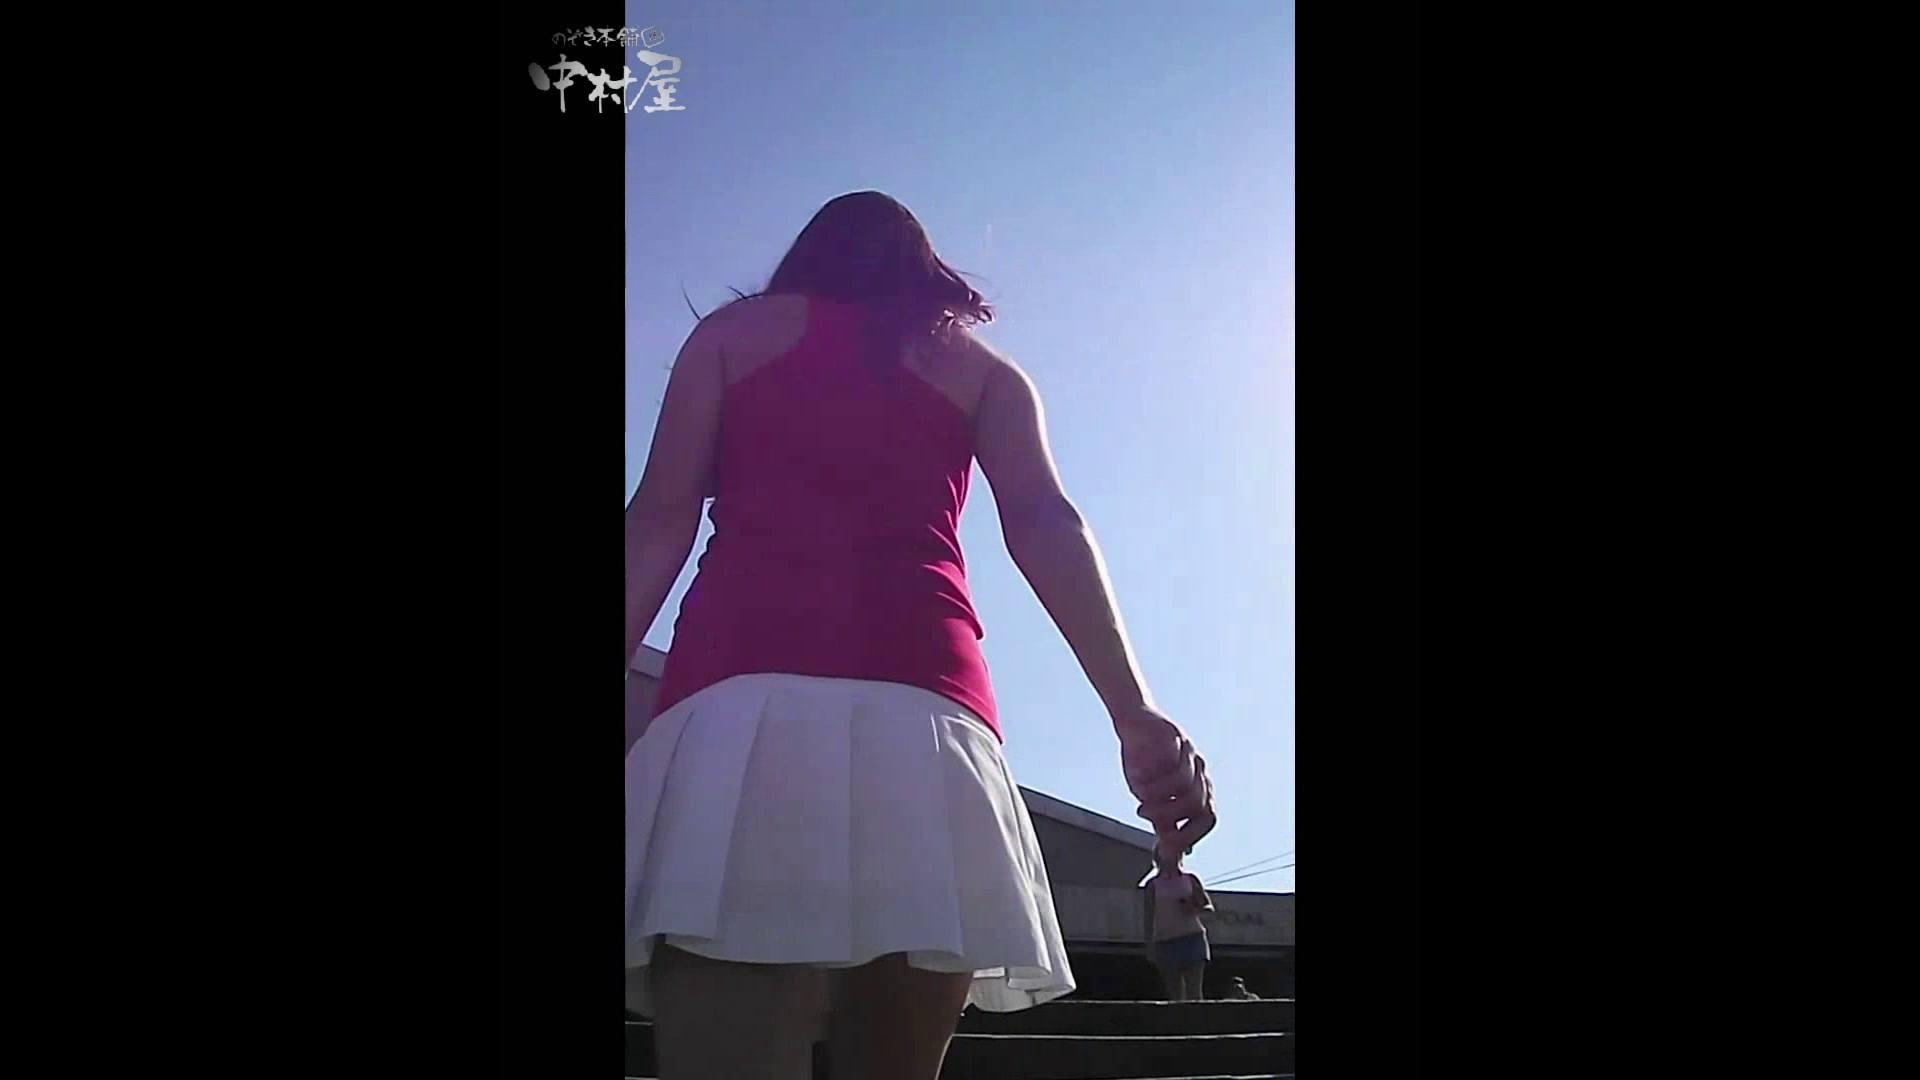 綺麗なモデルさんのスカート捲っちゃおう‼ vol14 モデルのエロ生活 ワレメ動画紹介 47連発 14